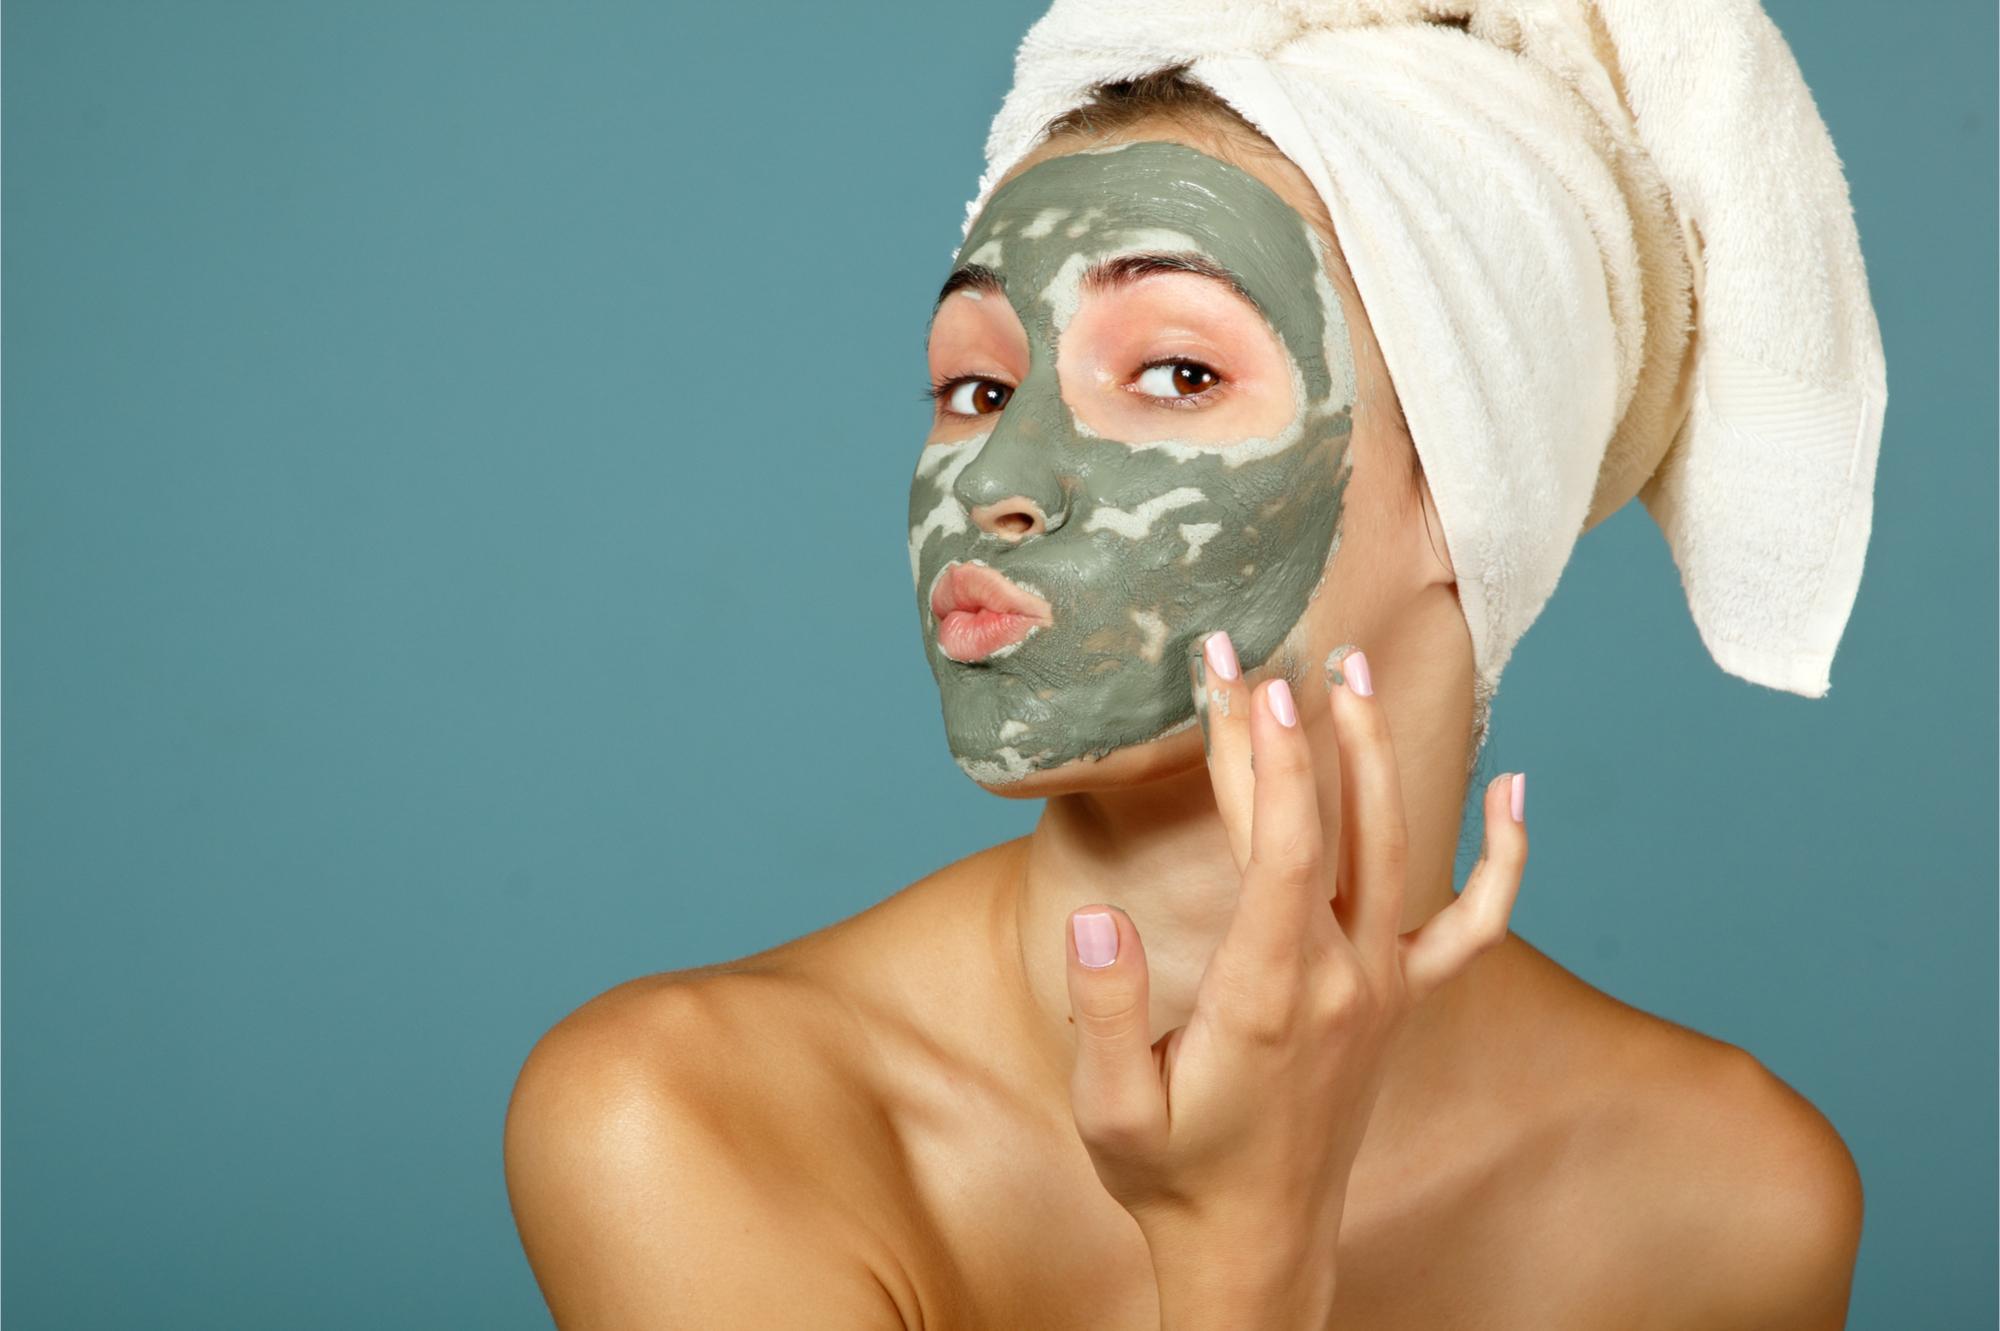 arcpakolás vörös foltok otthon hagyományos módszerek a pikkelysömör kezelésére